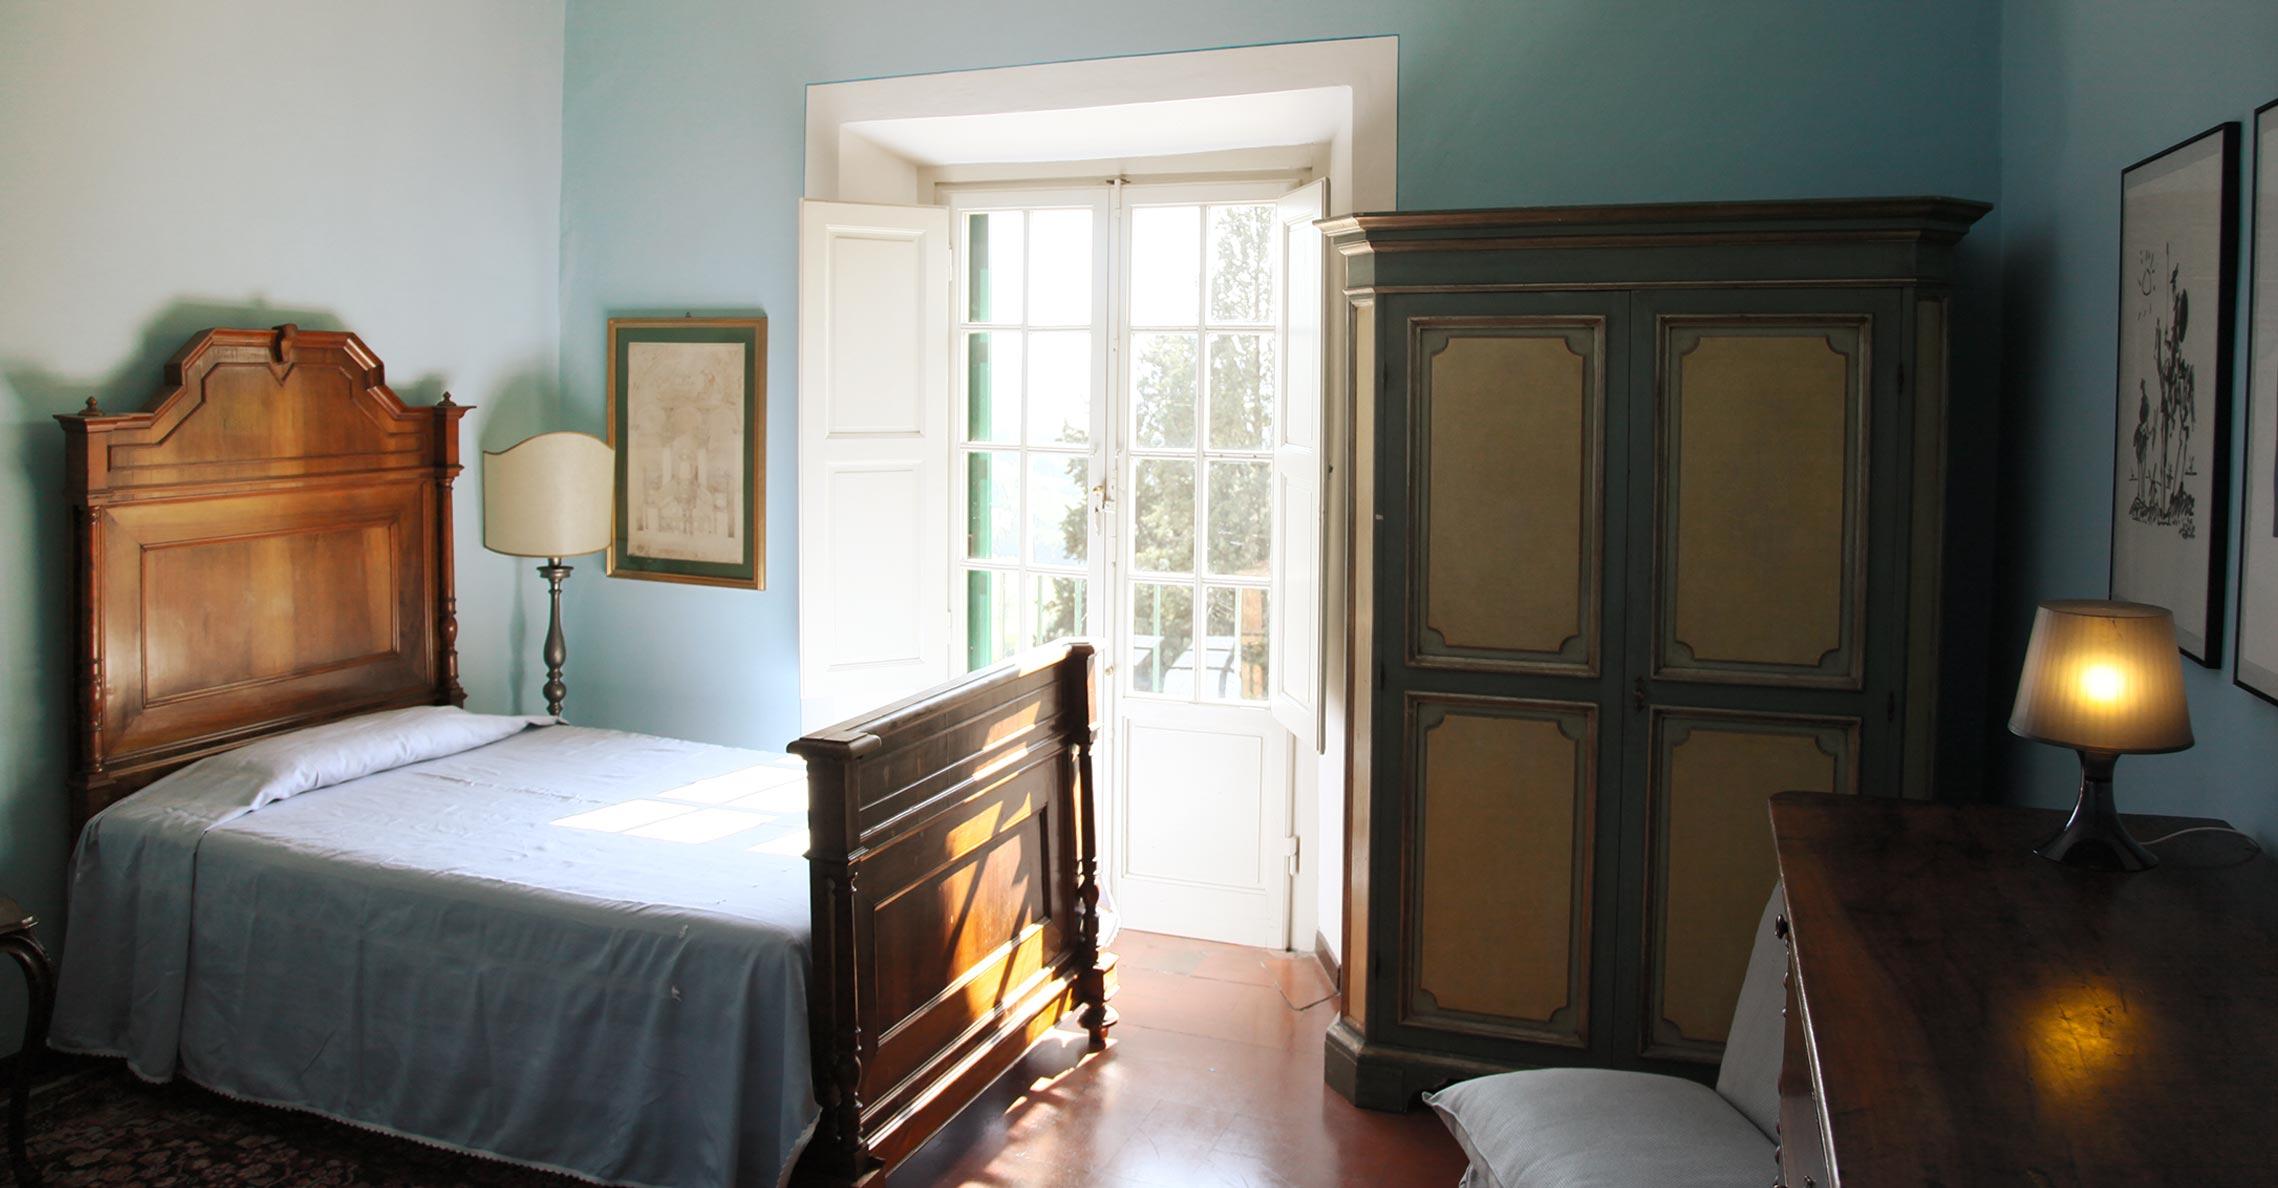 acacia_interior_bedroom_blue2